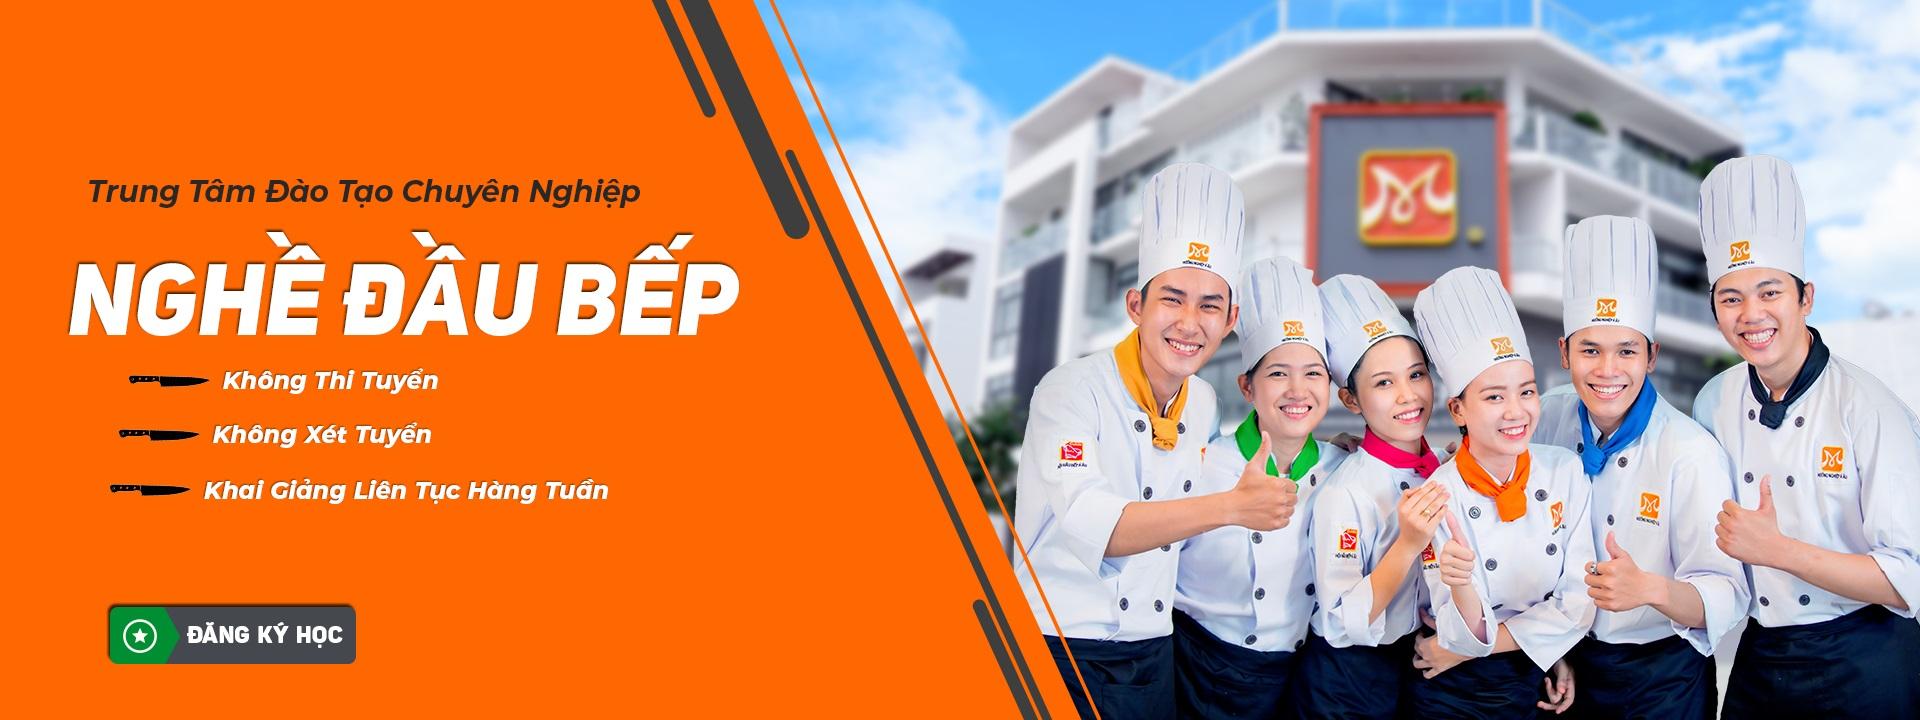 trung tâm đào tạo nghề đầu bếp